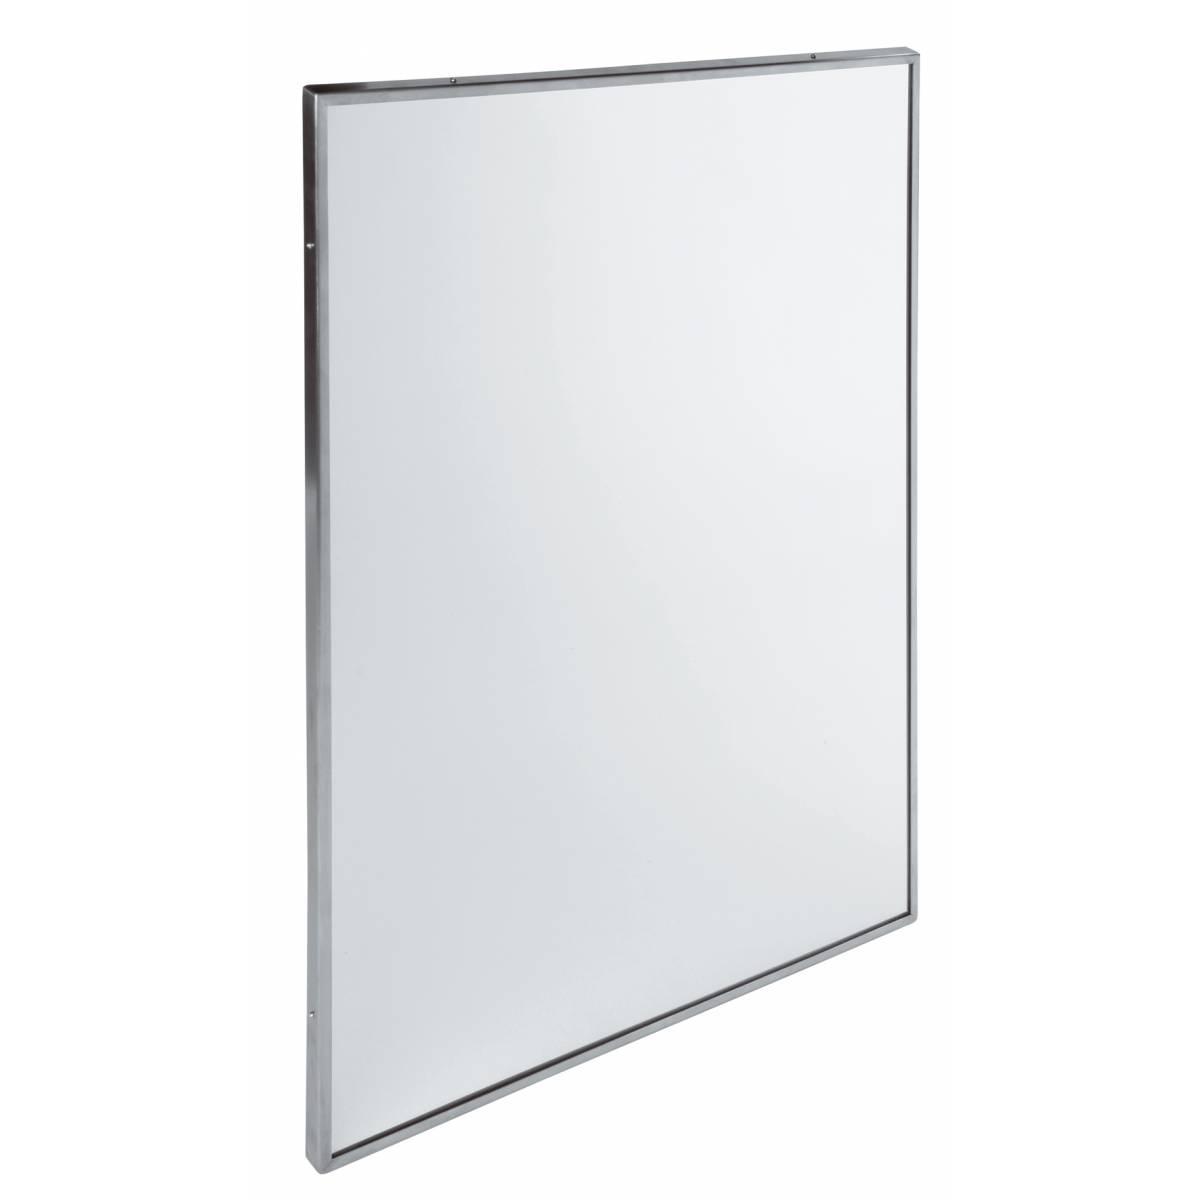 Зеркало из нержавеющей стали с окантовкой (EP0350CS) EP0350CS Mediclinics